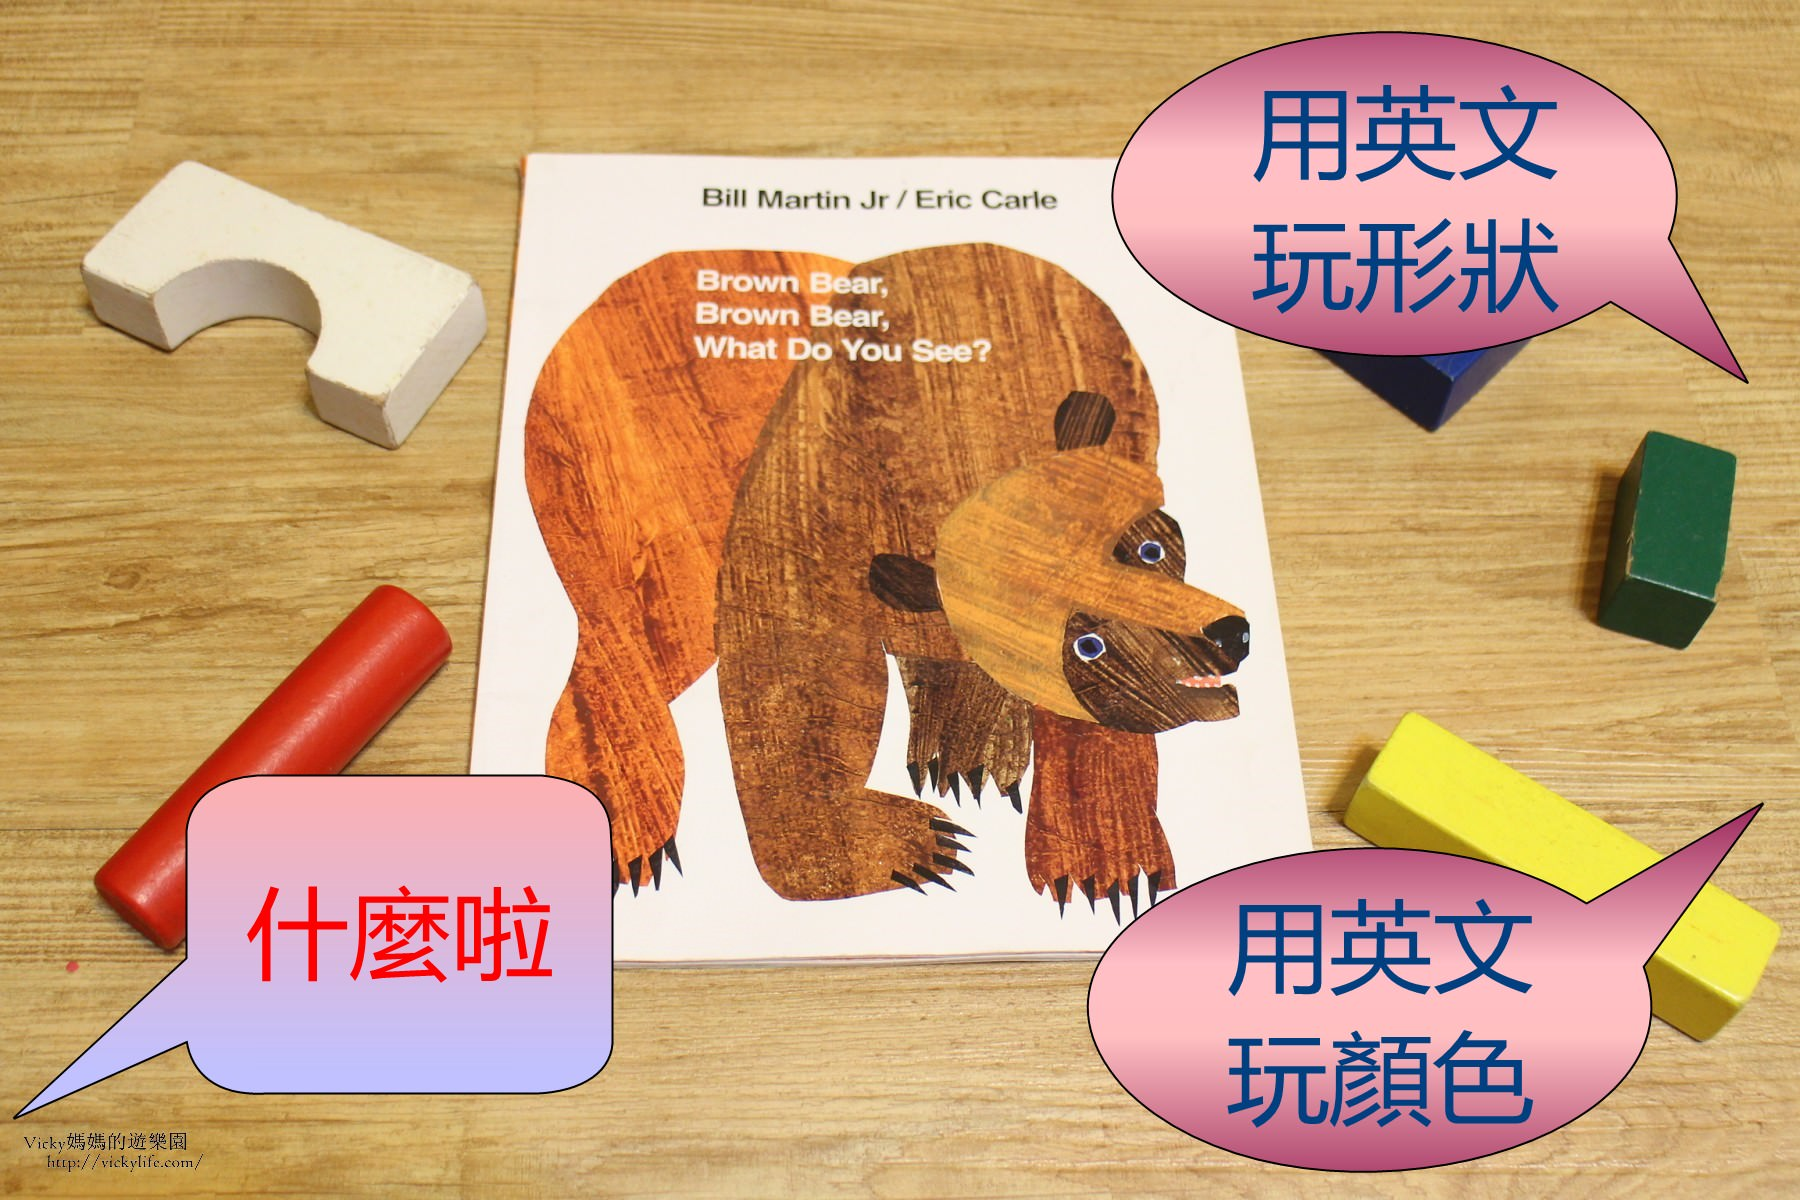 英文教學遊戲︱兒童英文學習︱顏色和形狀繪本:學顏色的英文、形狀的英文,原來可以這樣玩!